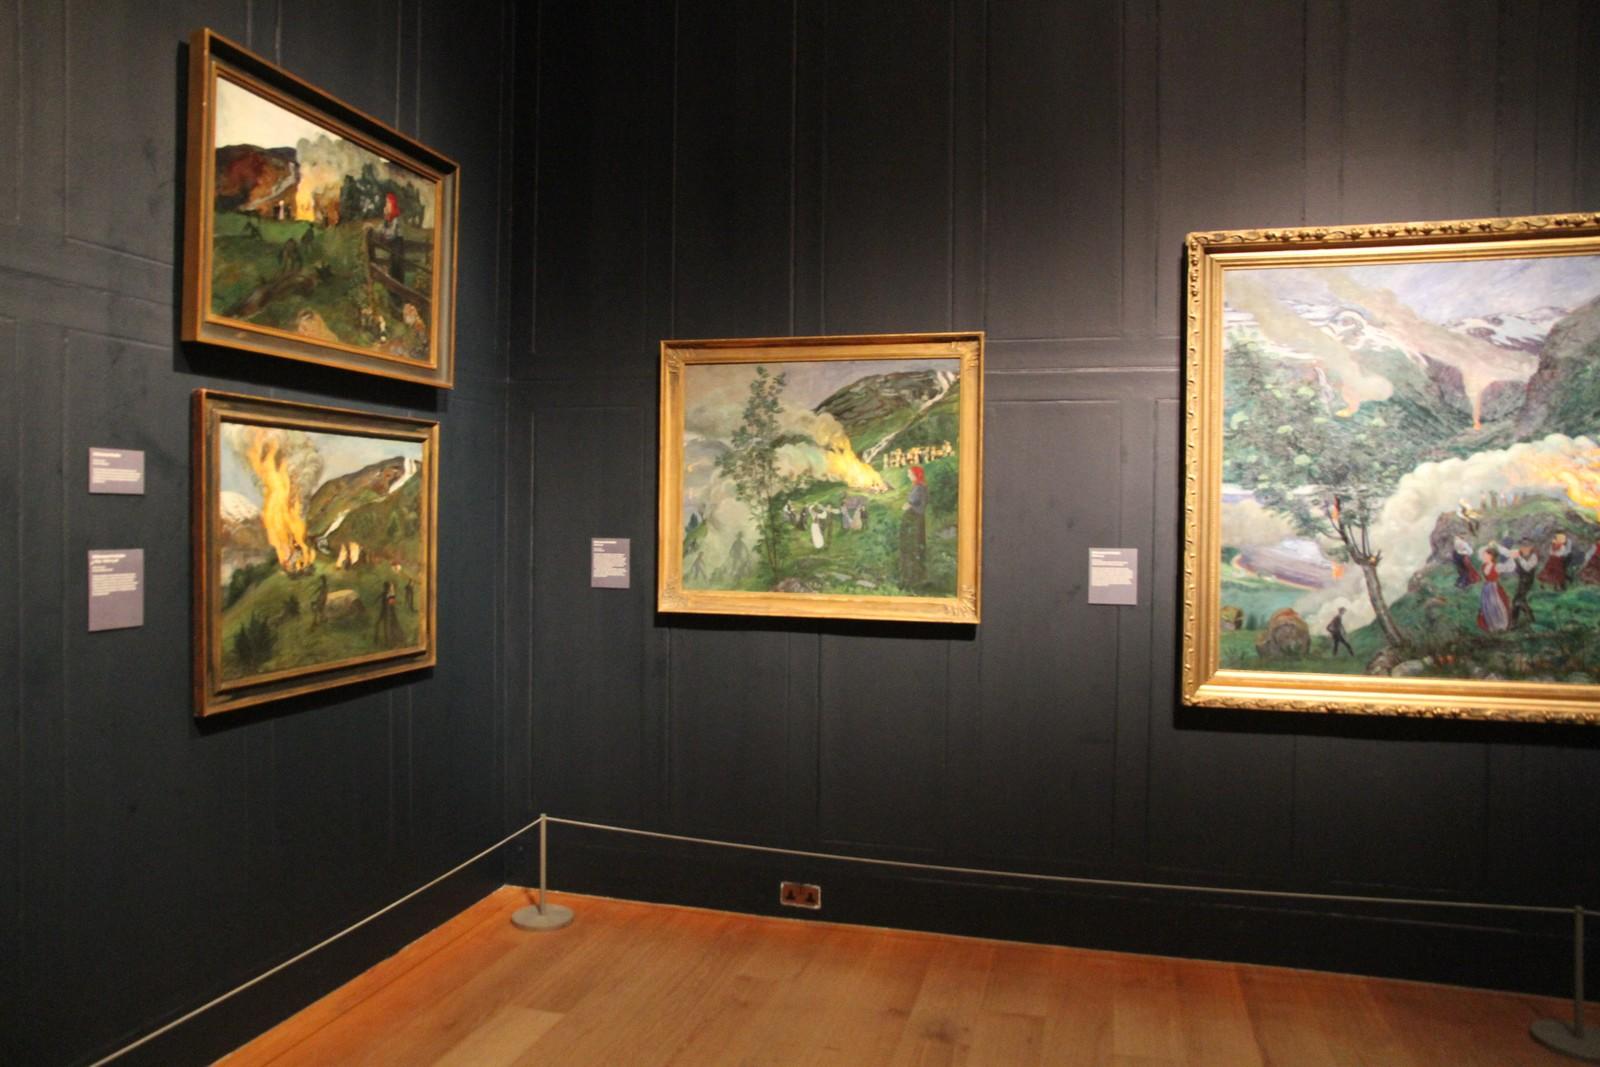 Motiv frå Jølster pregar veggane på Dulwich Picture Gallery i London.